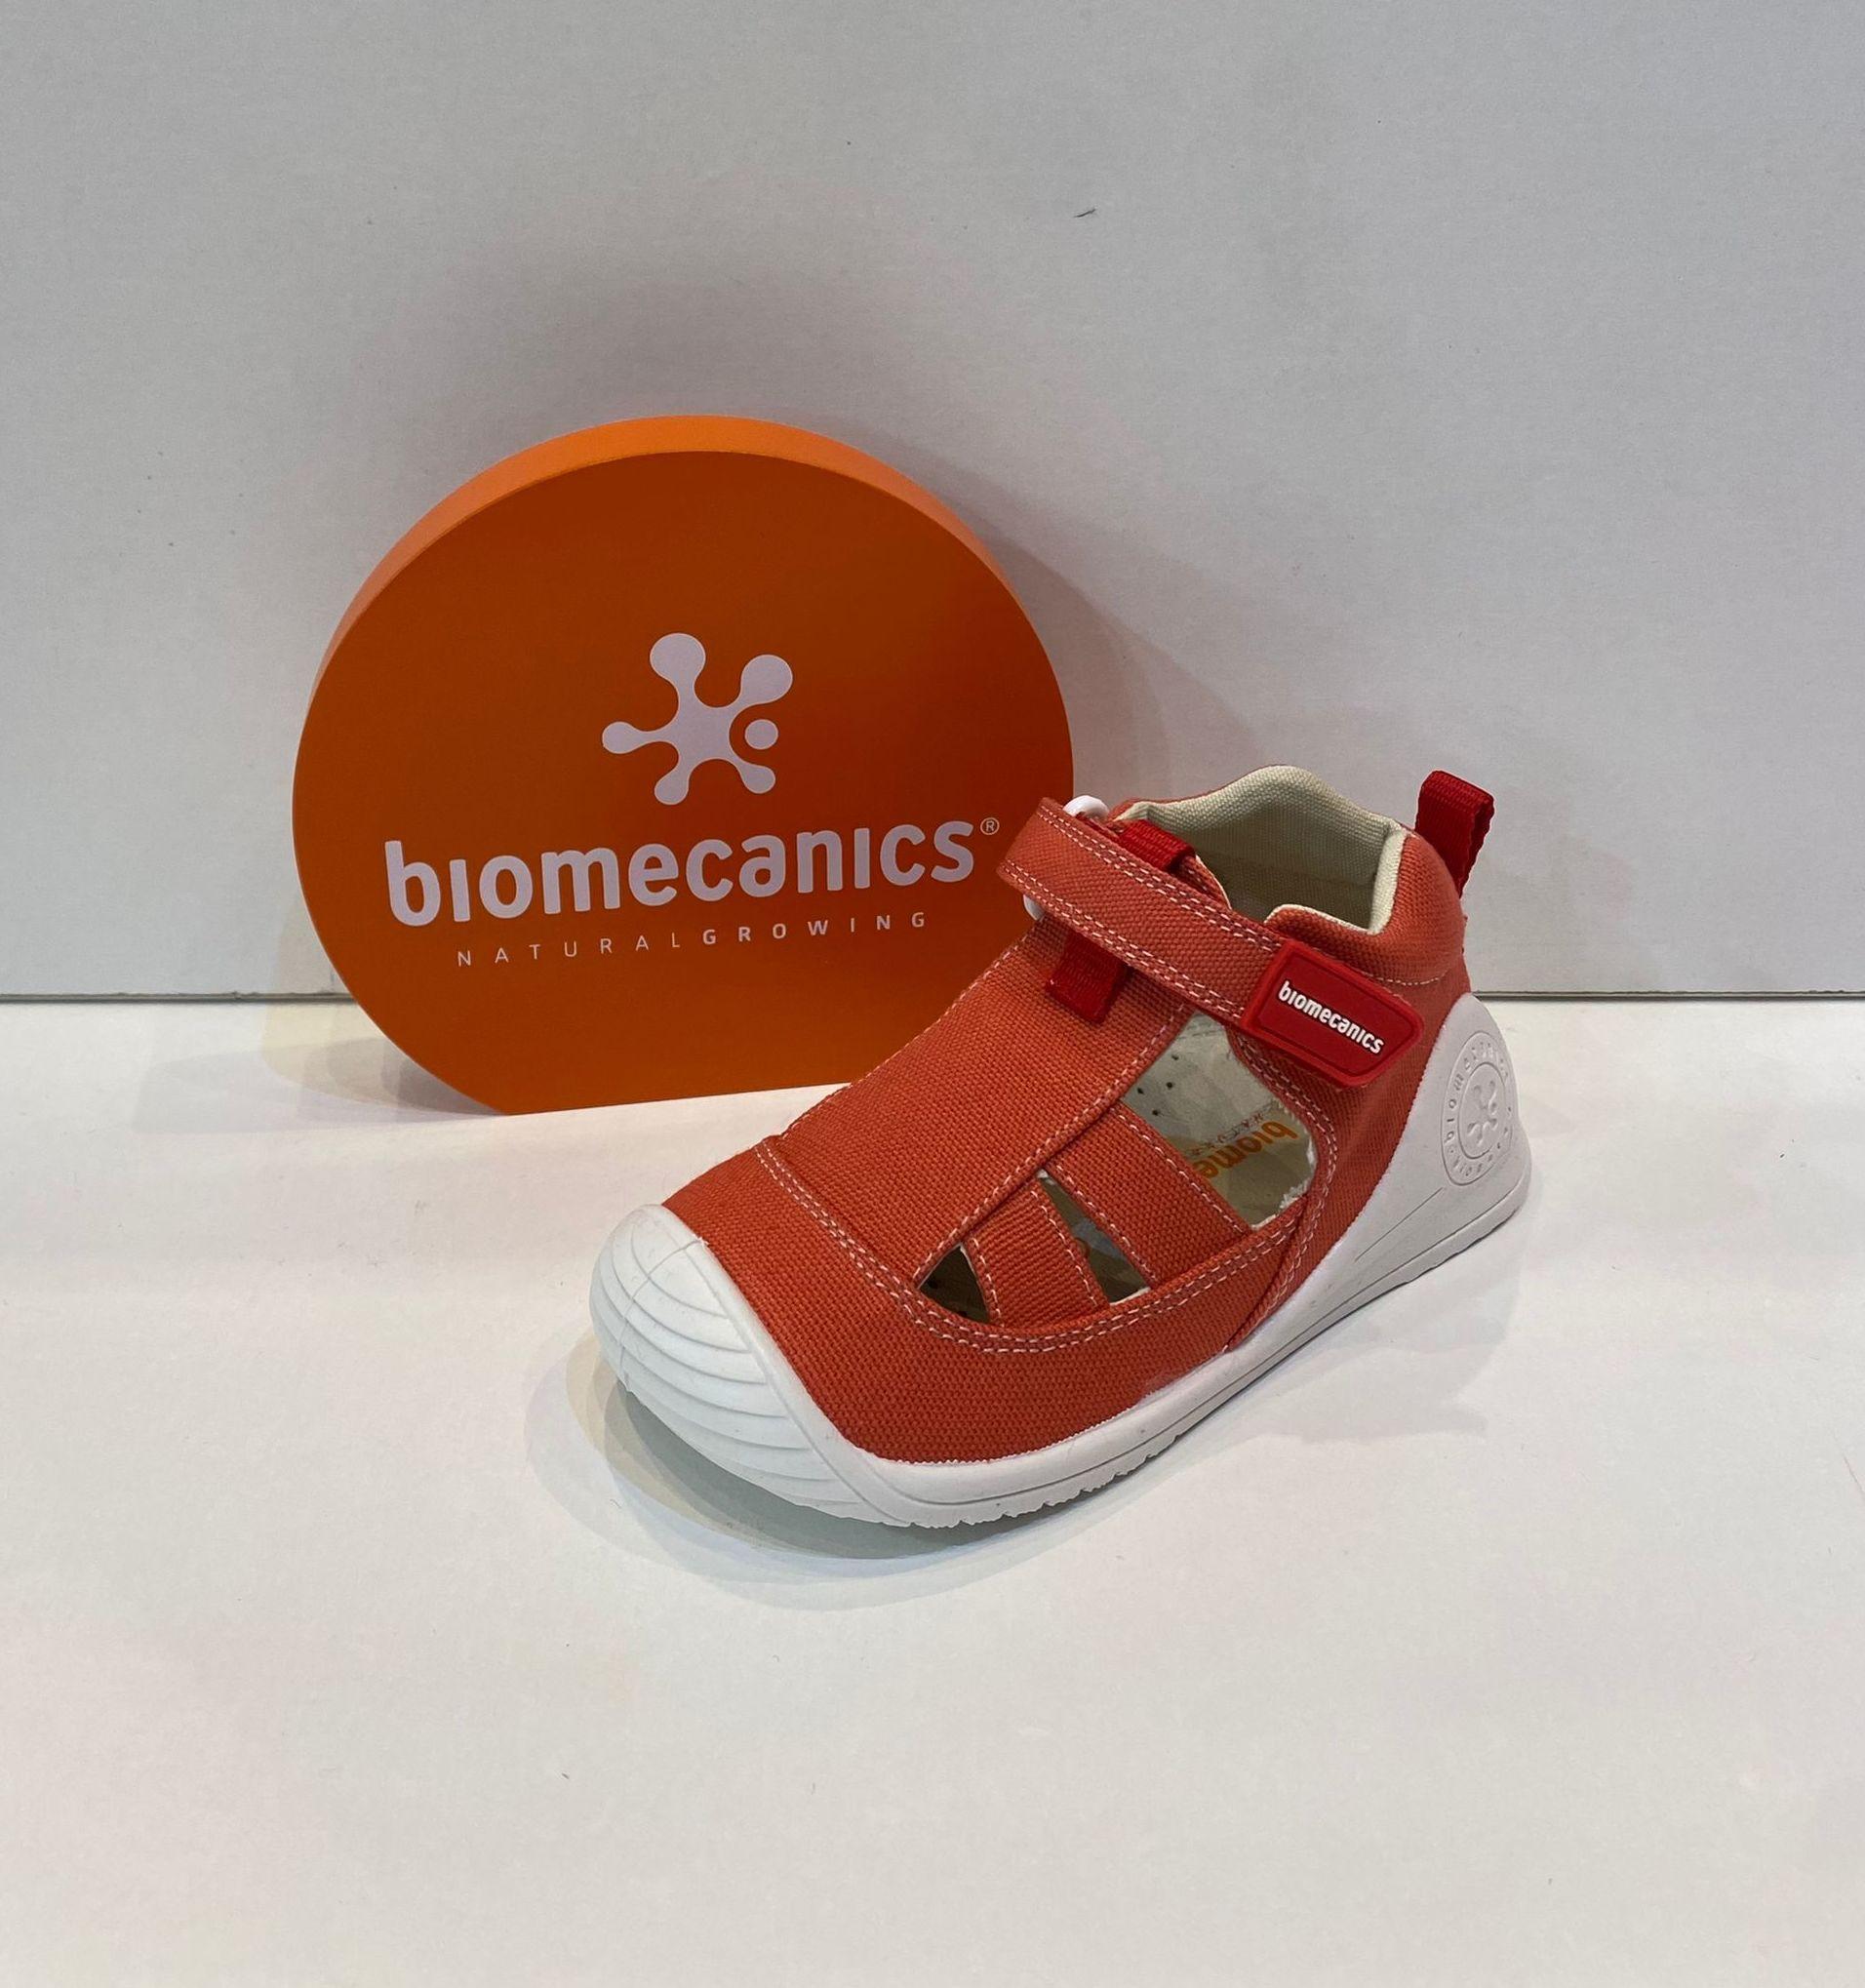 Sandàlia de nen, de la marca Biomecanics, plantilla extraible, sola especial per a gatejar i caminar, amb estabilitzador per a màxima seguretat 34.90€